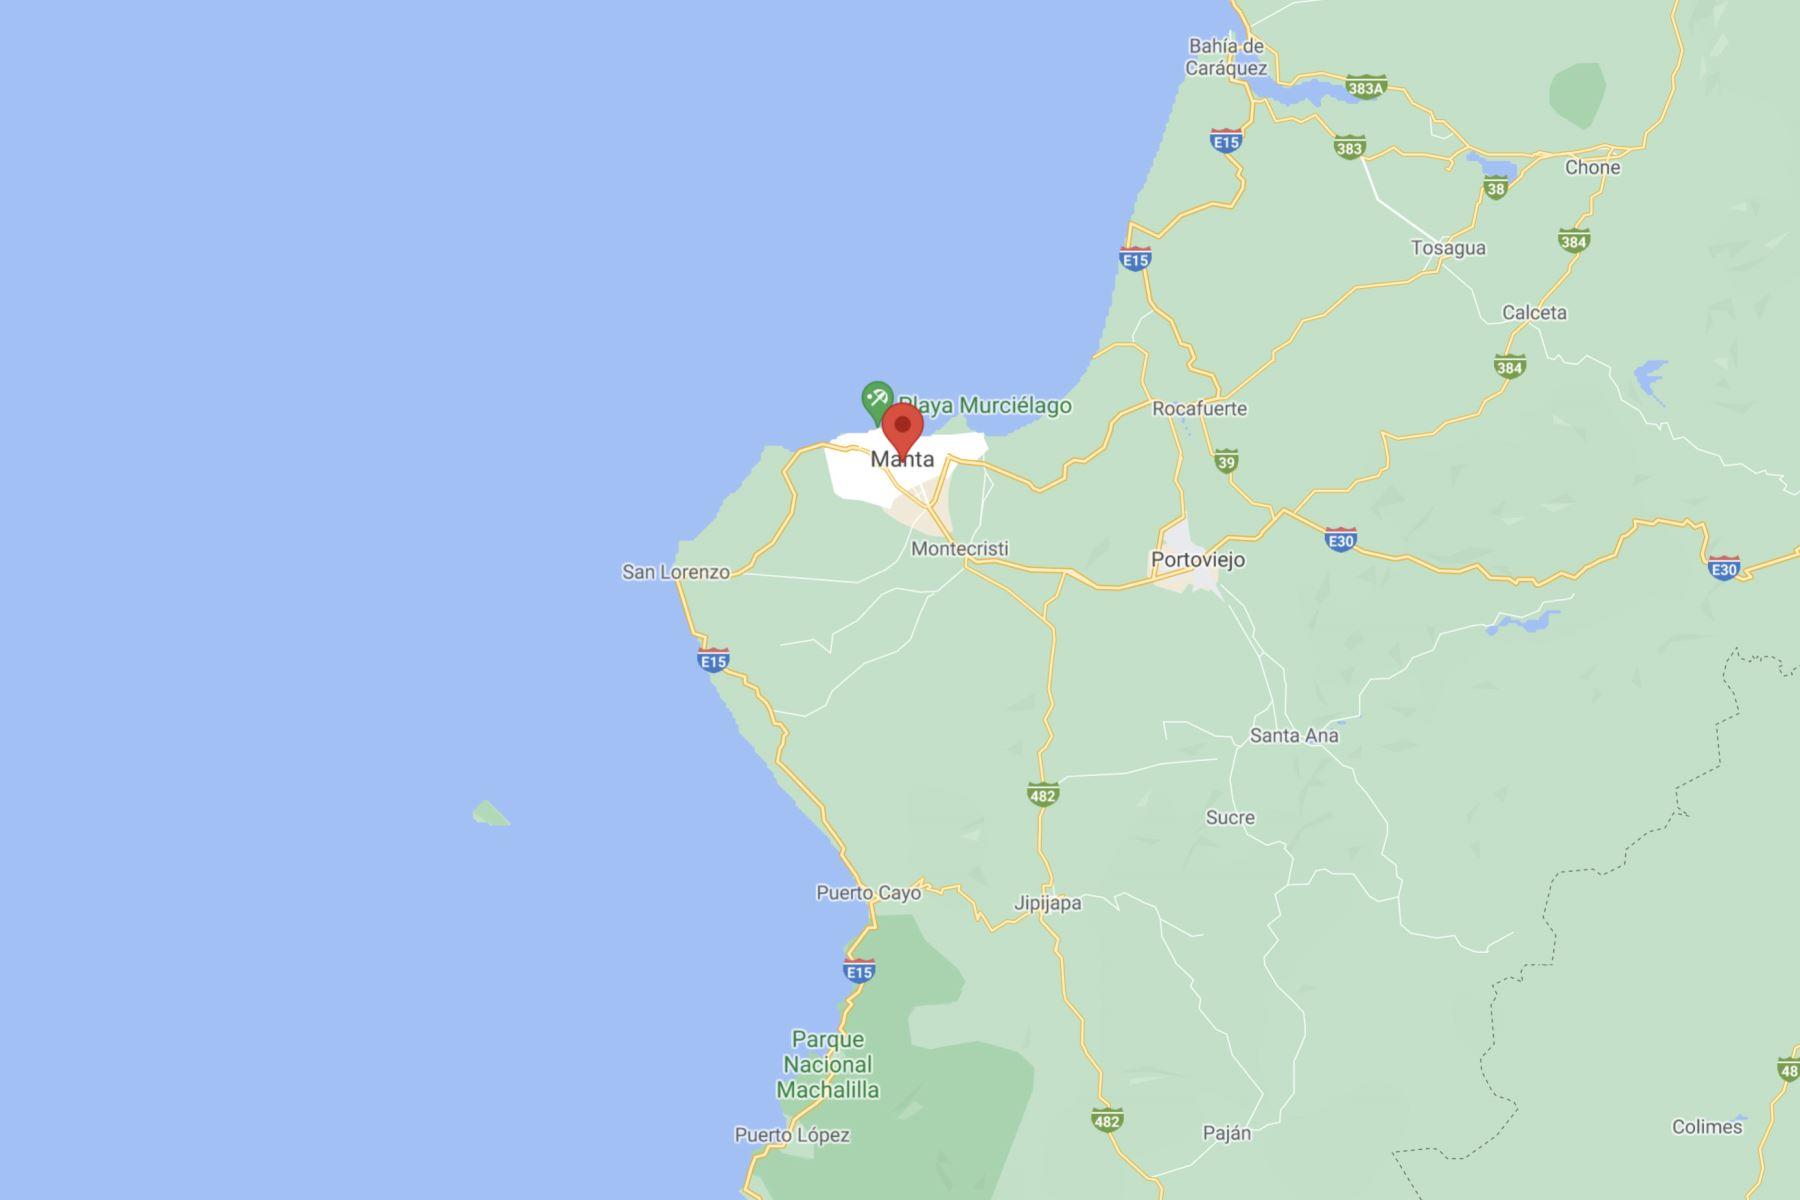 Sismos de magnitudes 4,4 y 3,6 frente a las costas de Ecuador